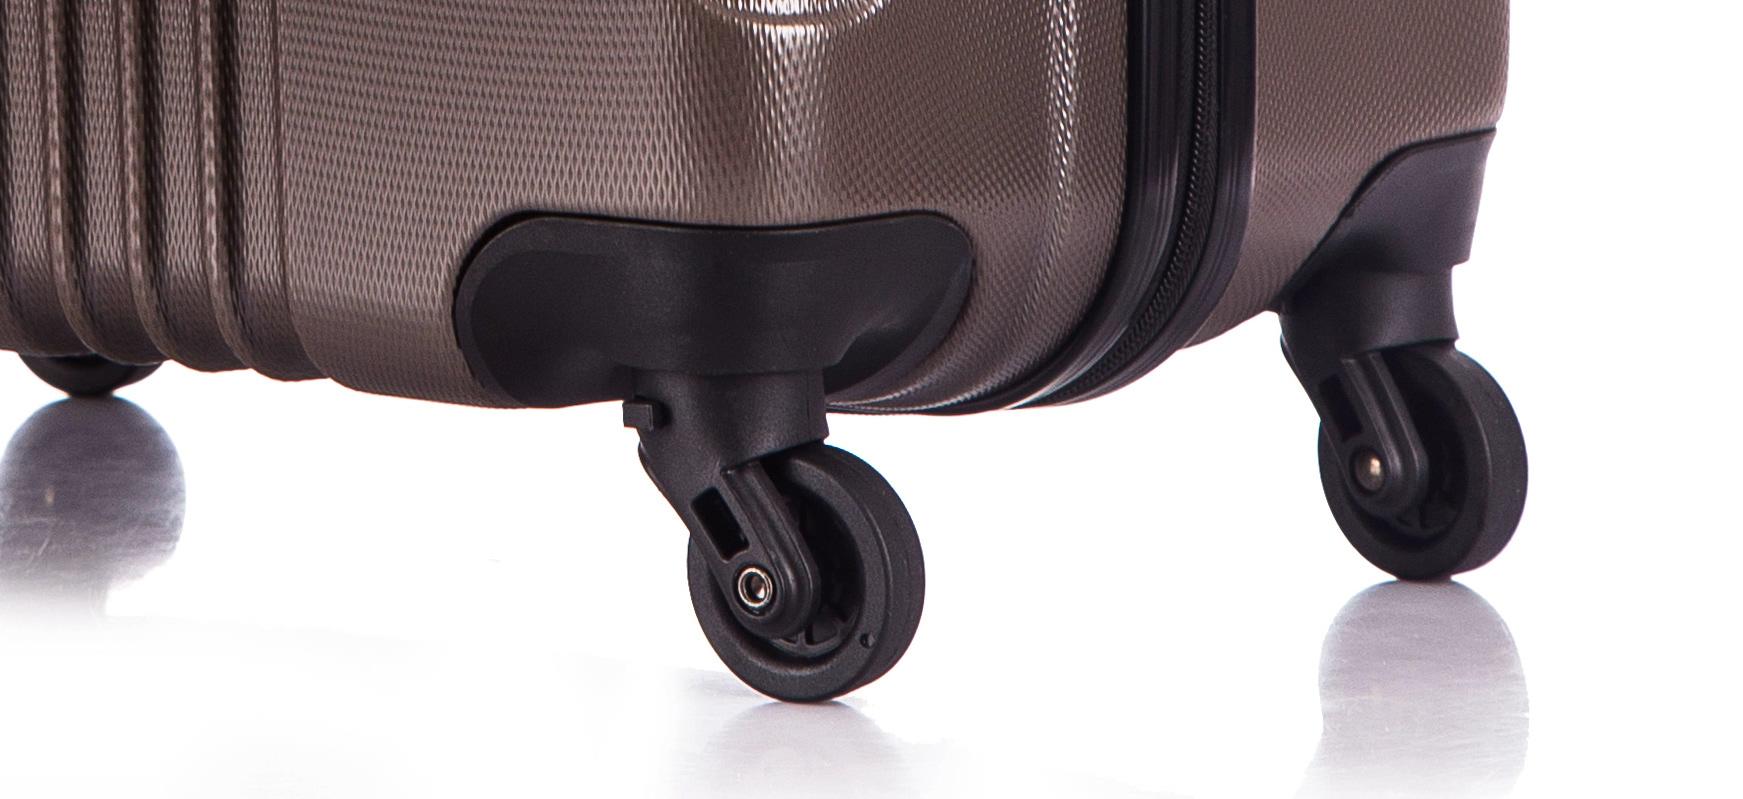 Чемодан со съемными колесами L'case Bangkok-22 Кофейный (M)